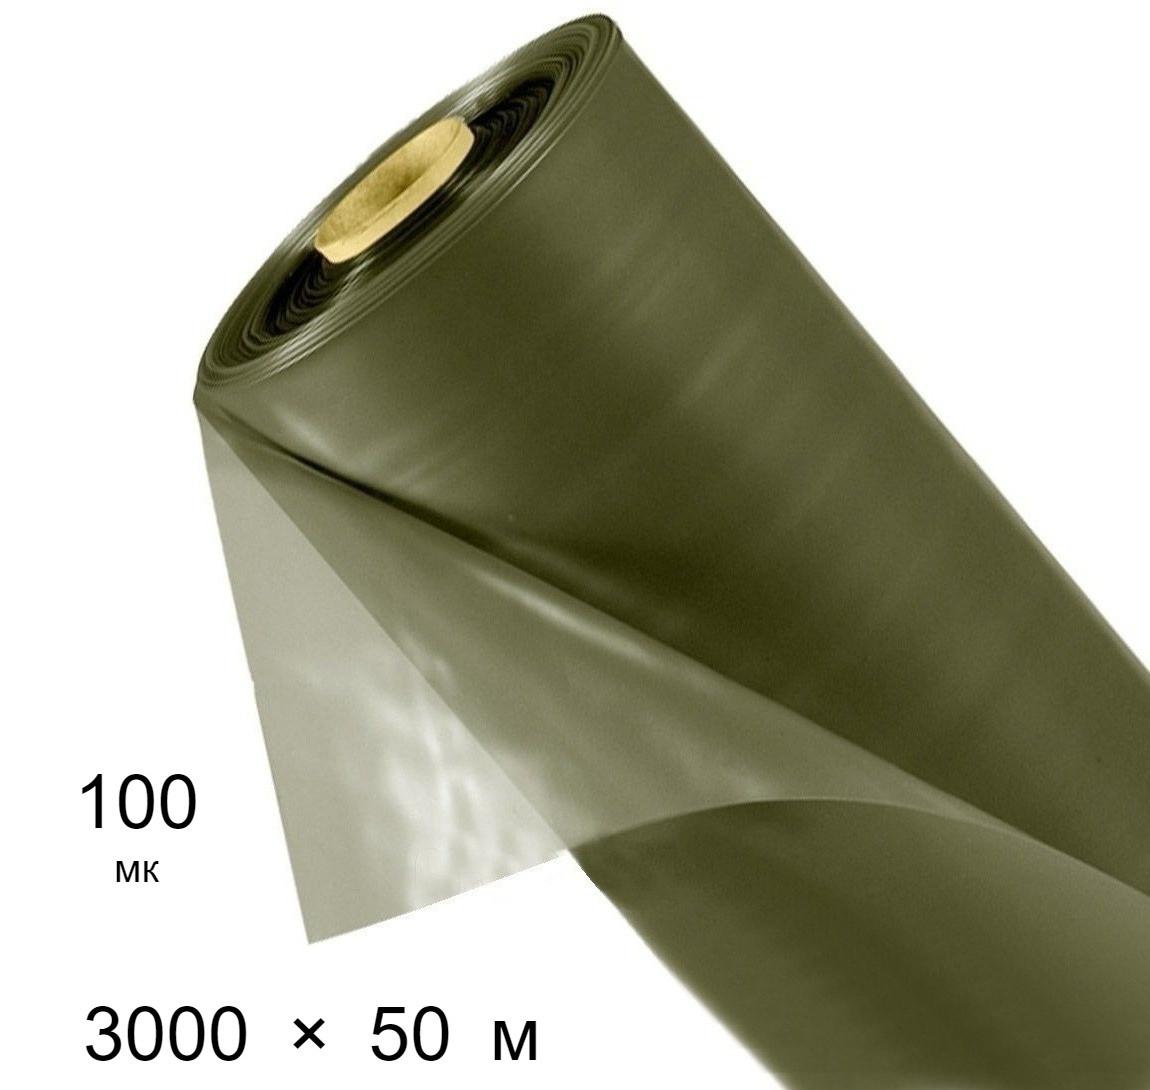 Пленка строительная 100 мкм - 3000 мм × 50 м